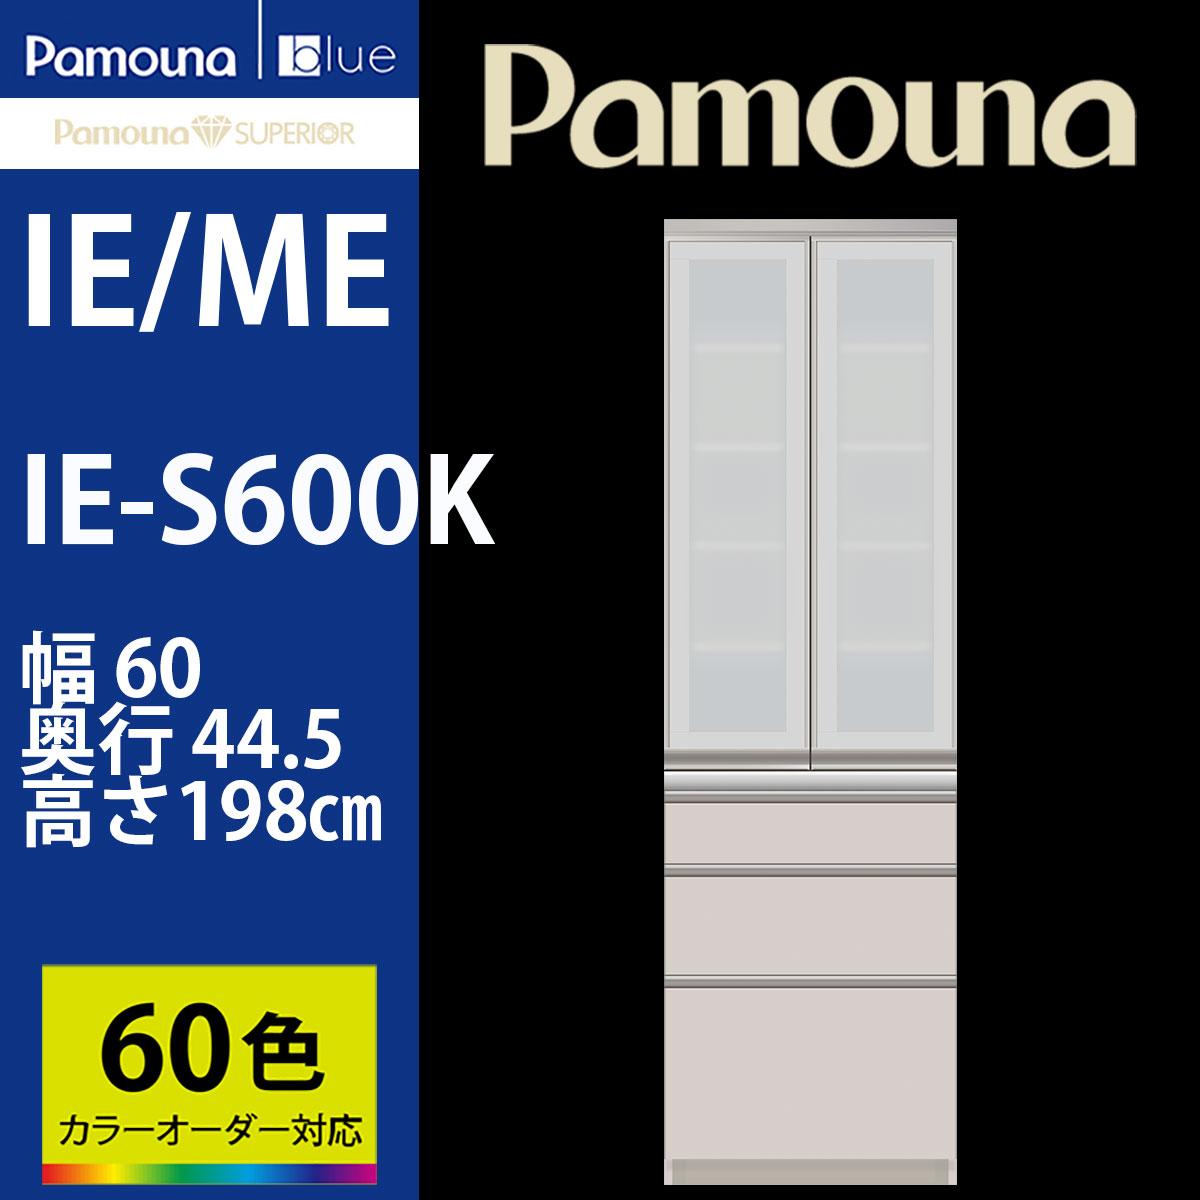 【本州、四国は開梱設置無料】 パモウナ IE-S600K 食器棚 【幅60×奥行45×高さ198cm】 IE/ME シルキーアッシュ